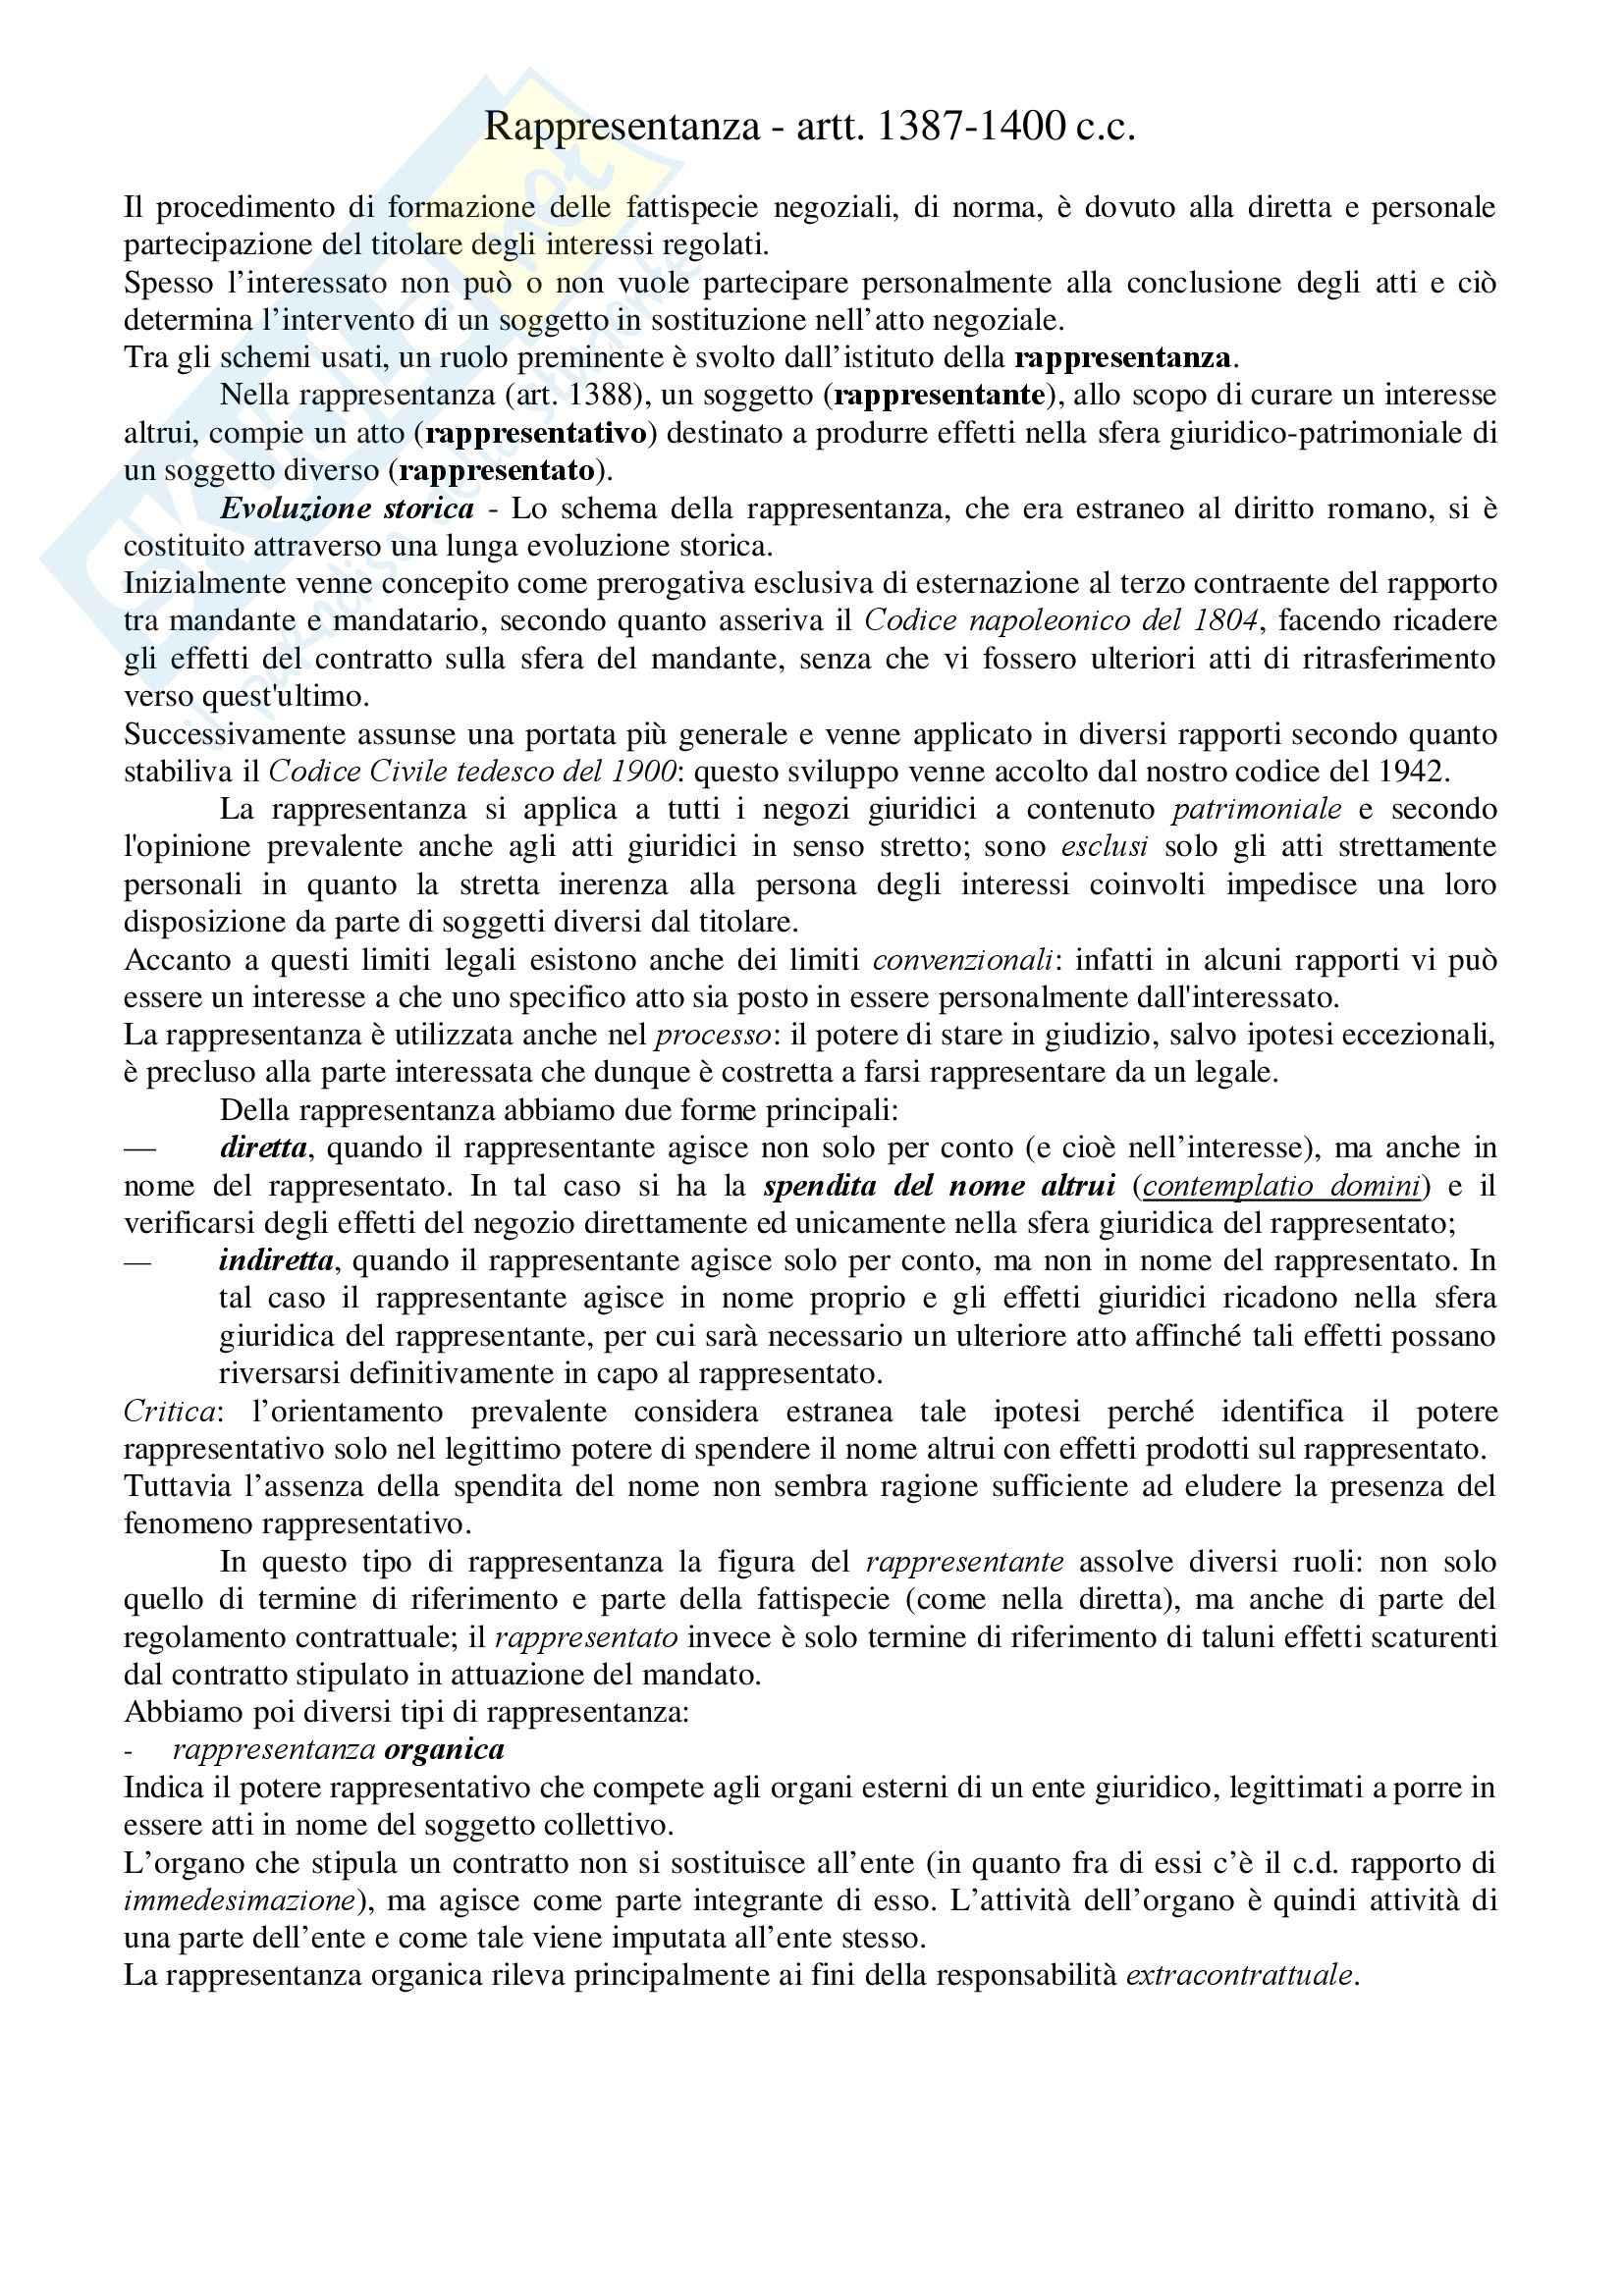 Diritto Civile - Perlingieri – Rappresentanza – Riassunto esame